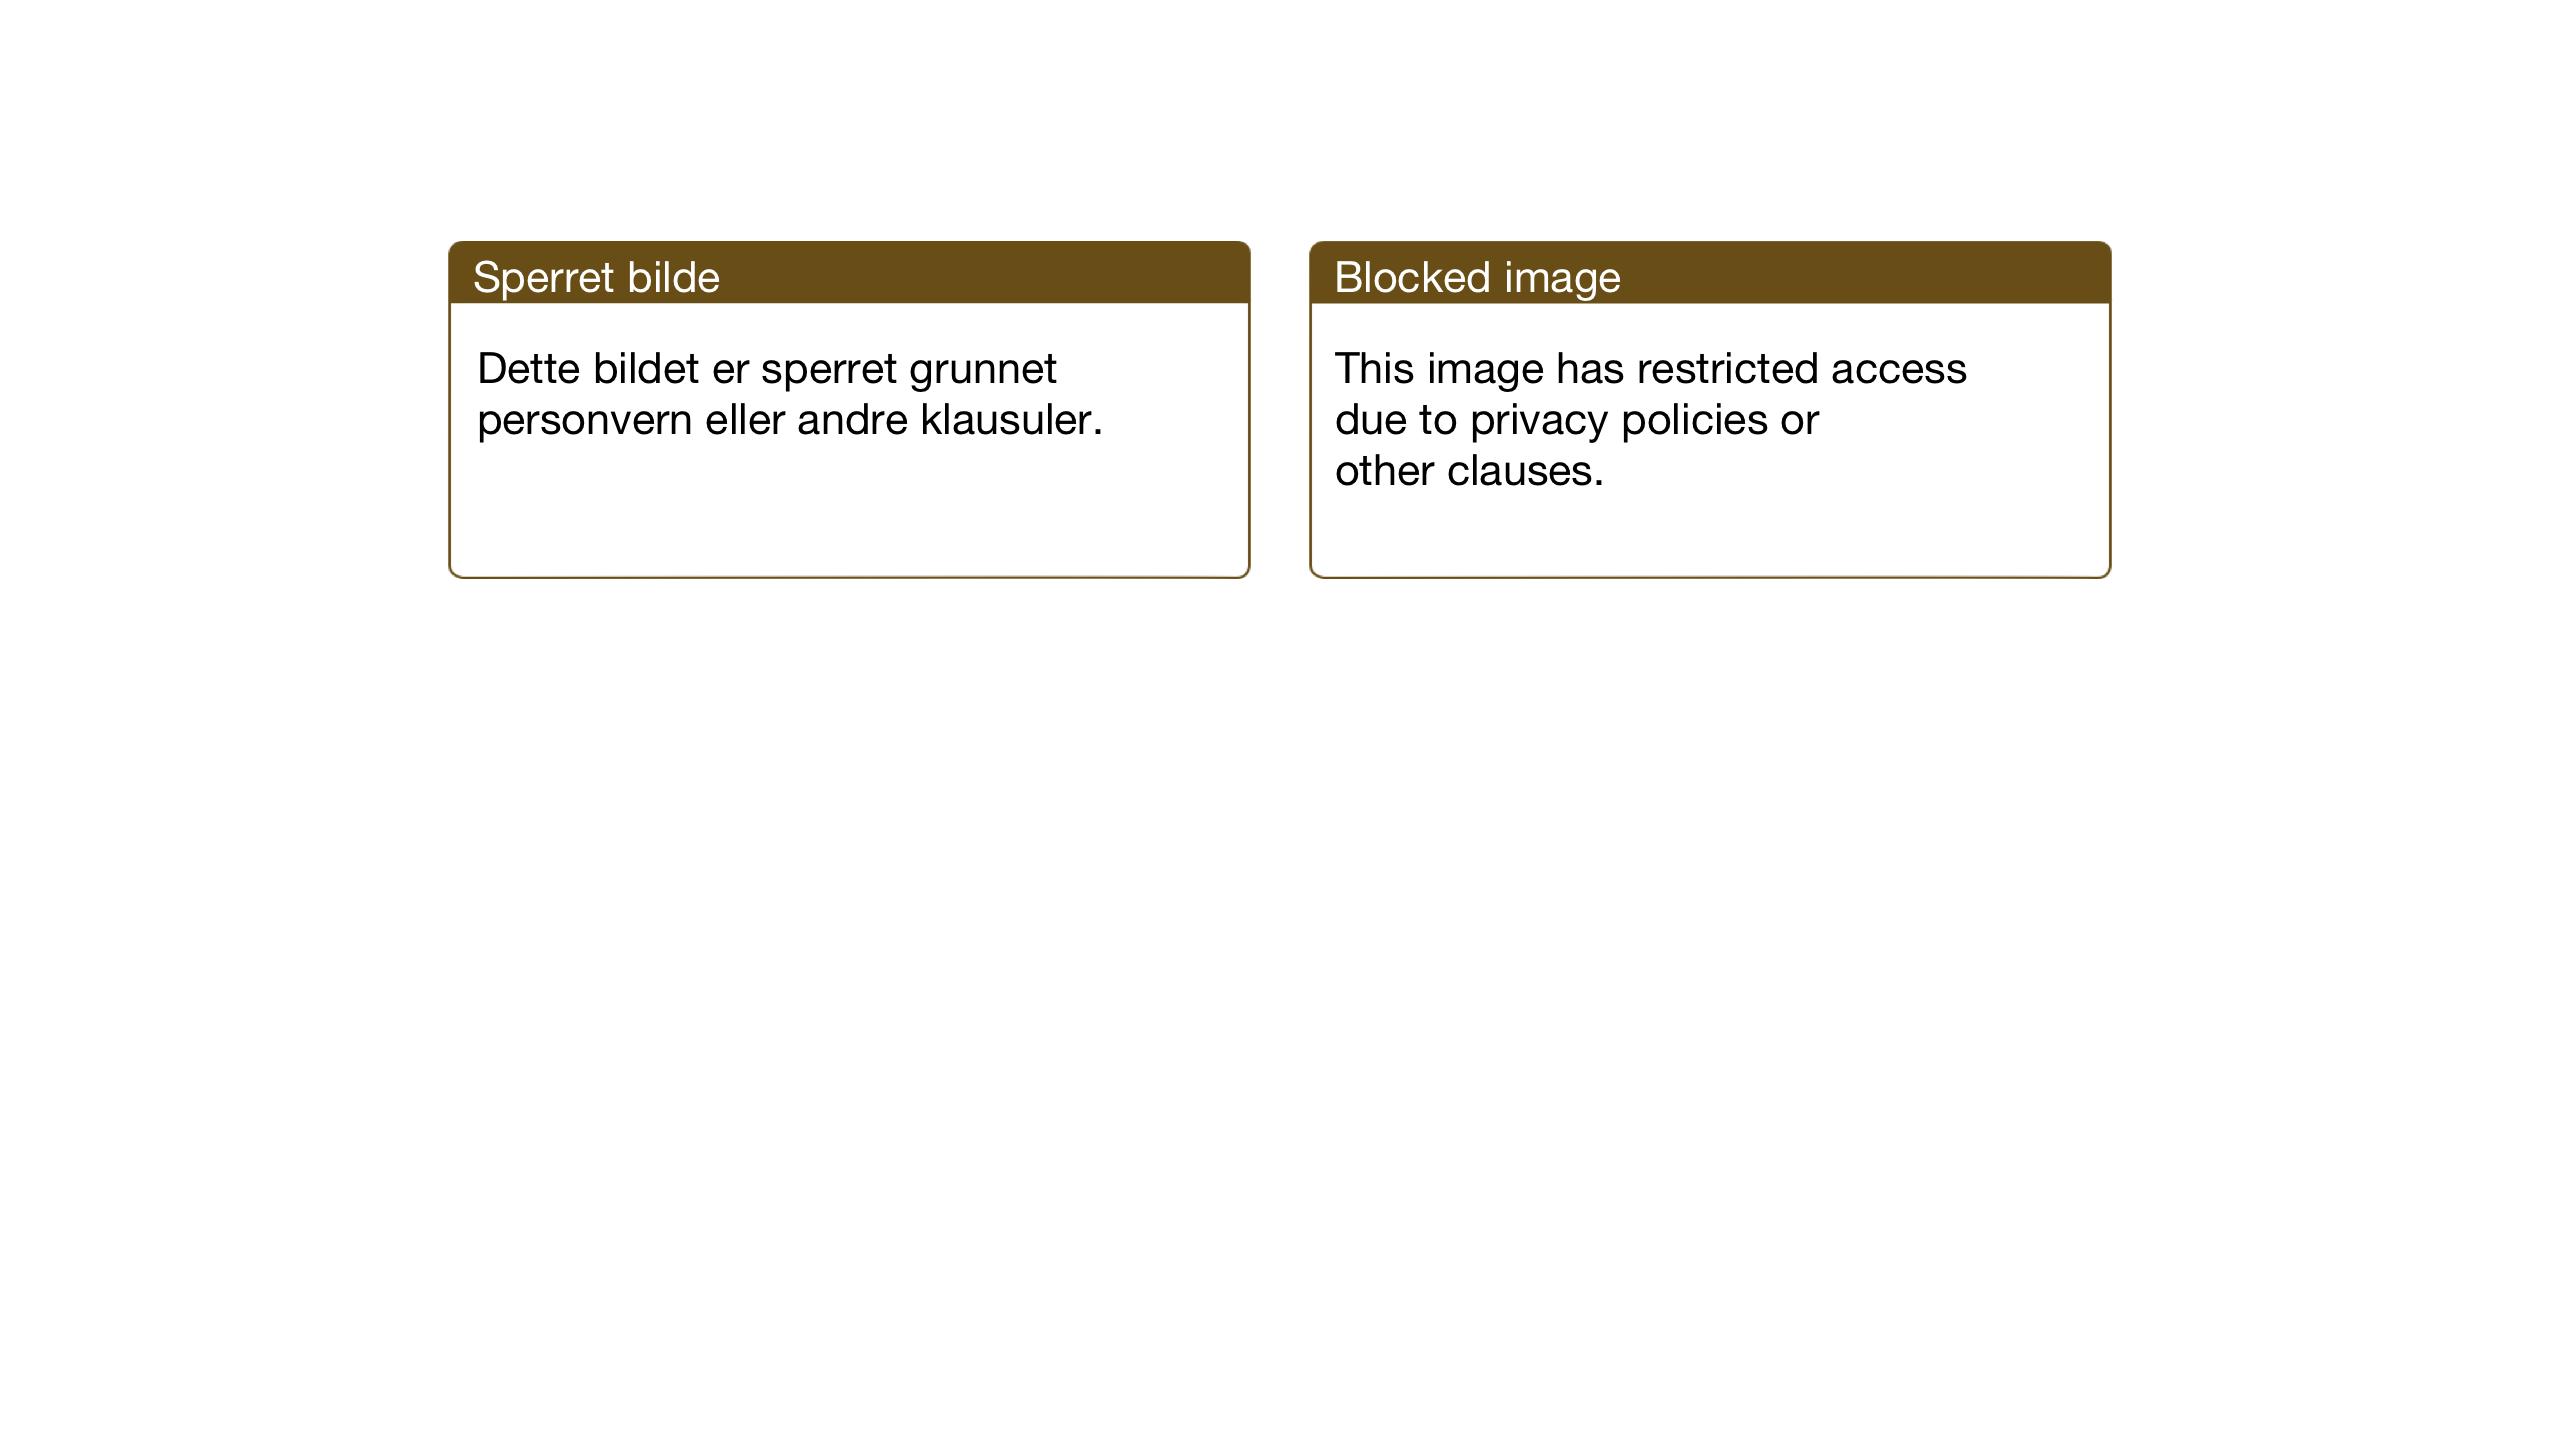 SAT, Ministerialprotokoller, klokkerbøker og fødselsregistre - Sør-Trøndelag, 603/L0174: Klokkerbok nr. 603C02, 1923-1951, s. 130